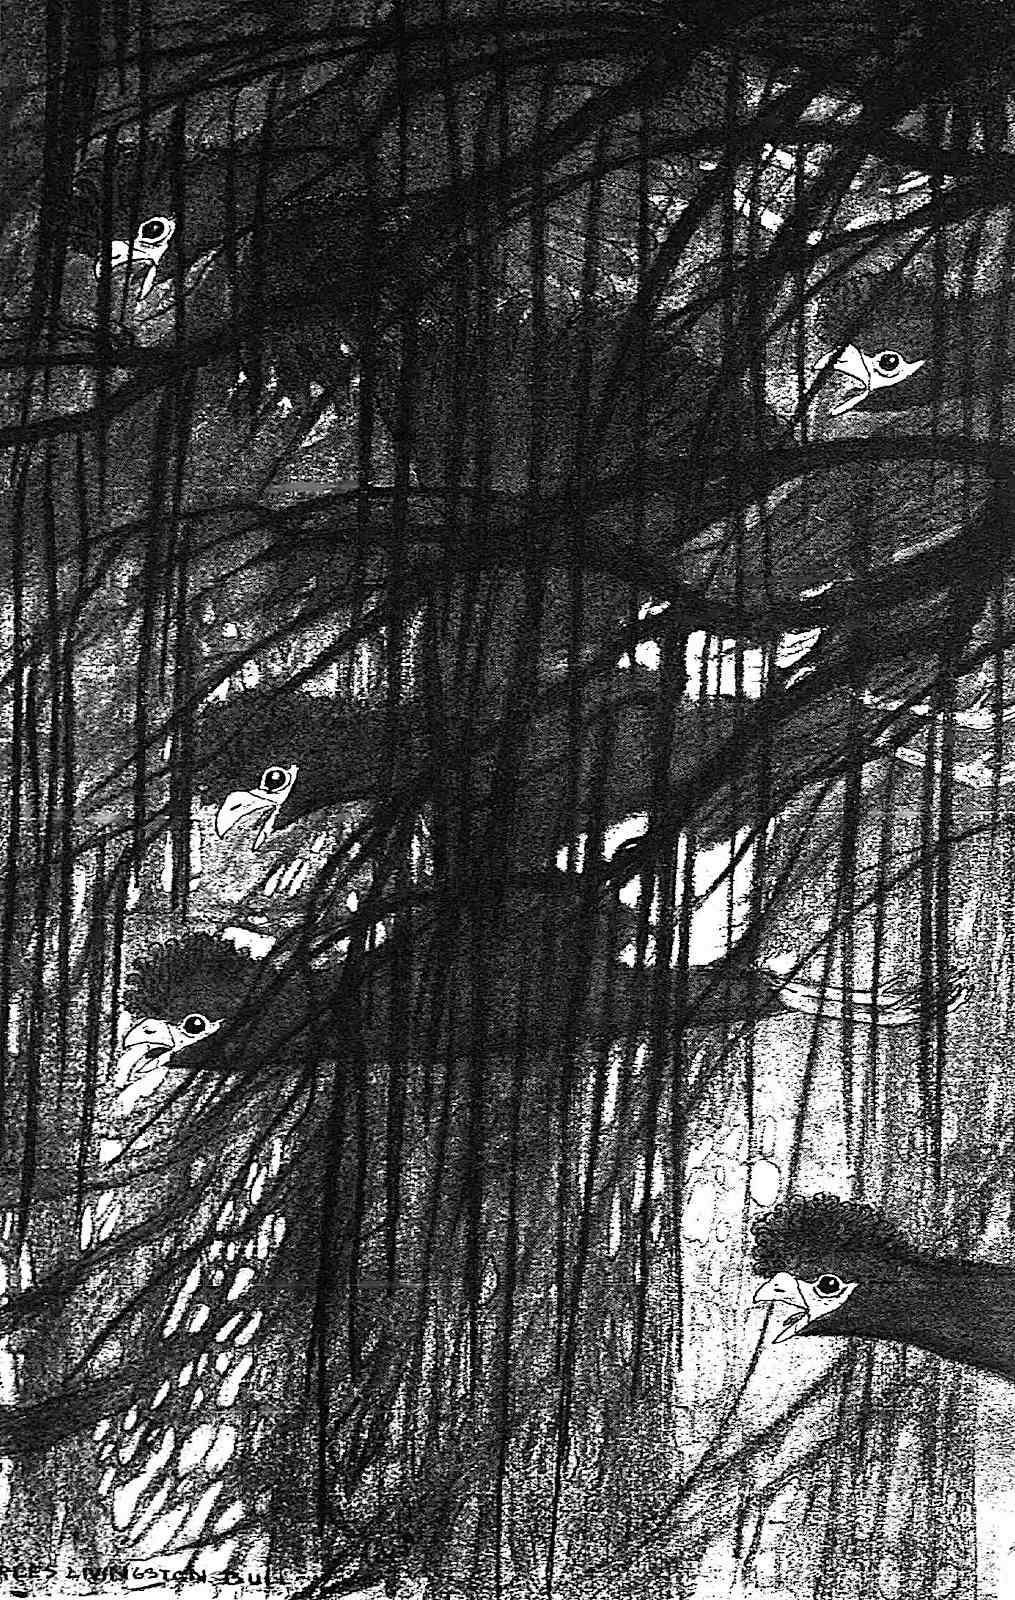 a Charles Livingston Bull illustration of flying jungle birds